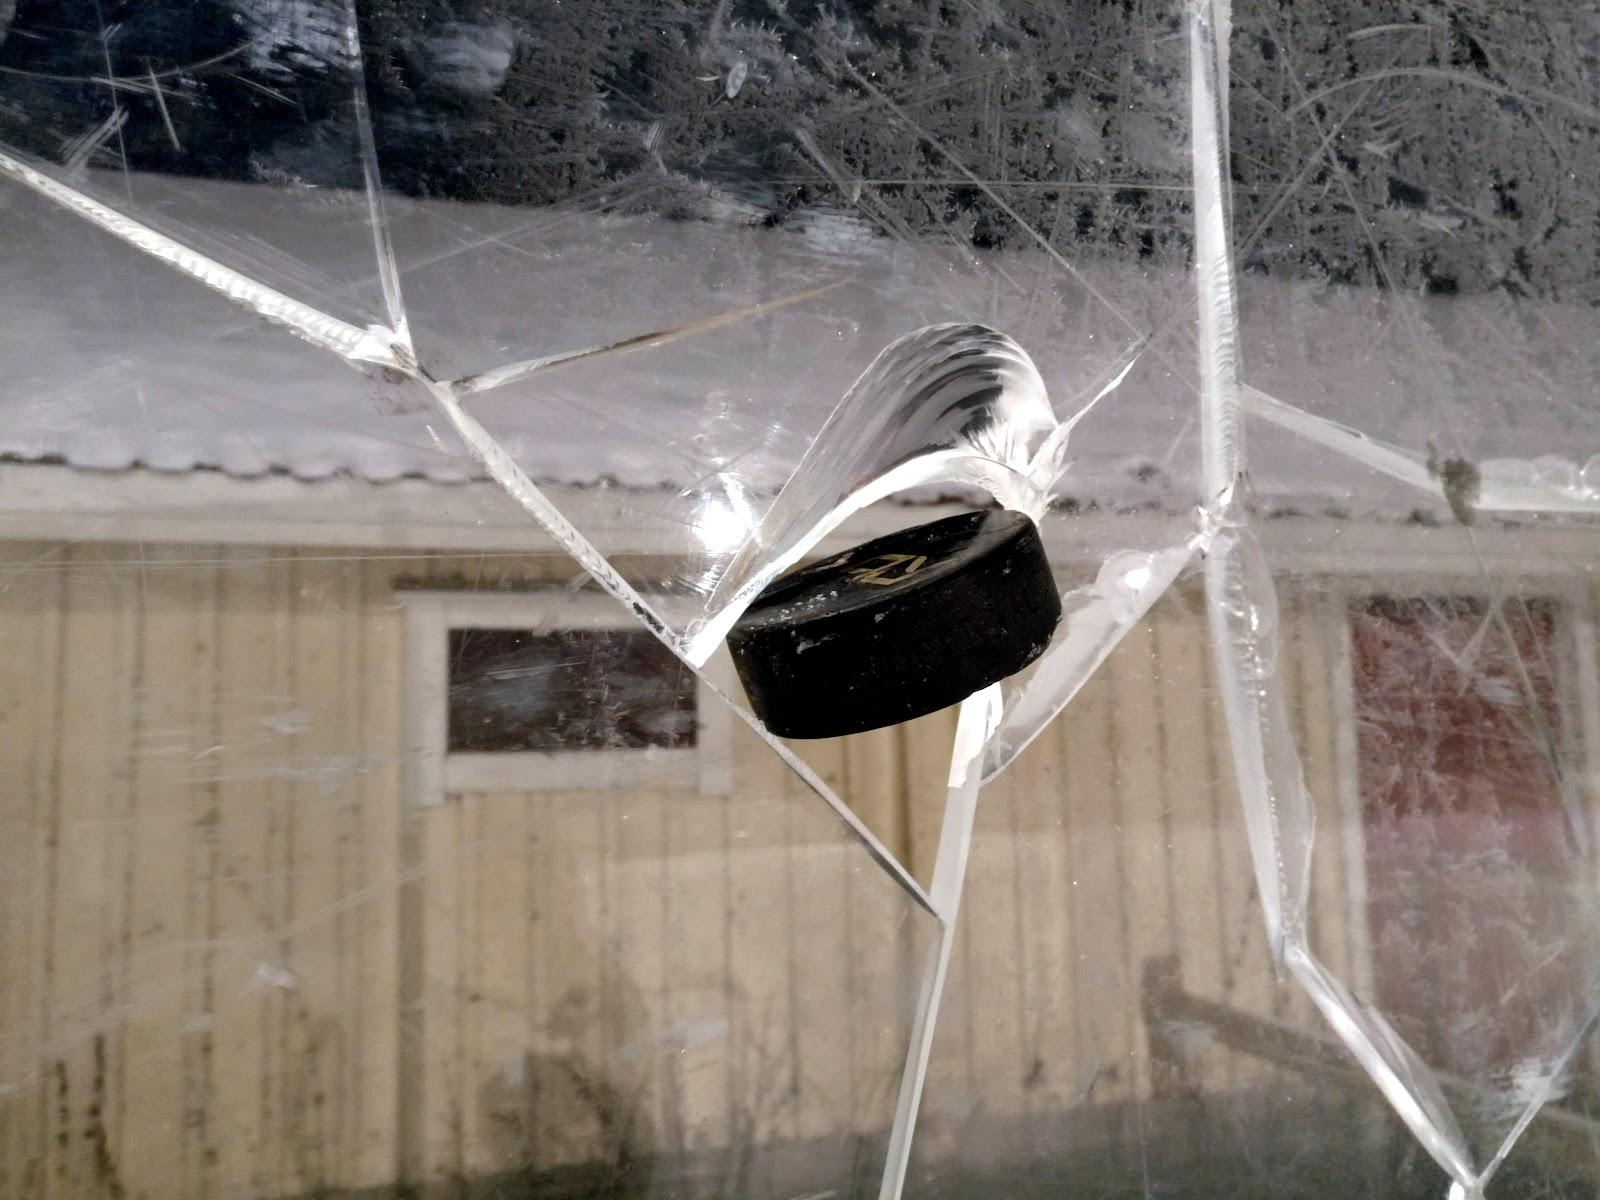 File:Ice hockey puck in broken plexiglass.jpg - Wikimedia Commons